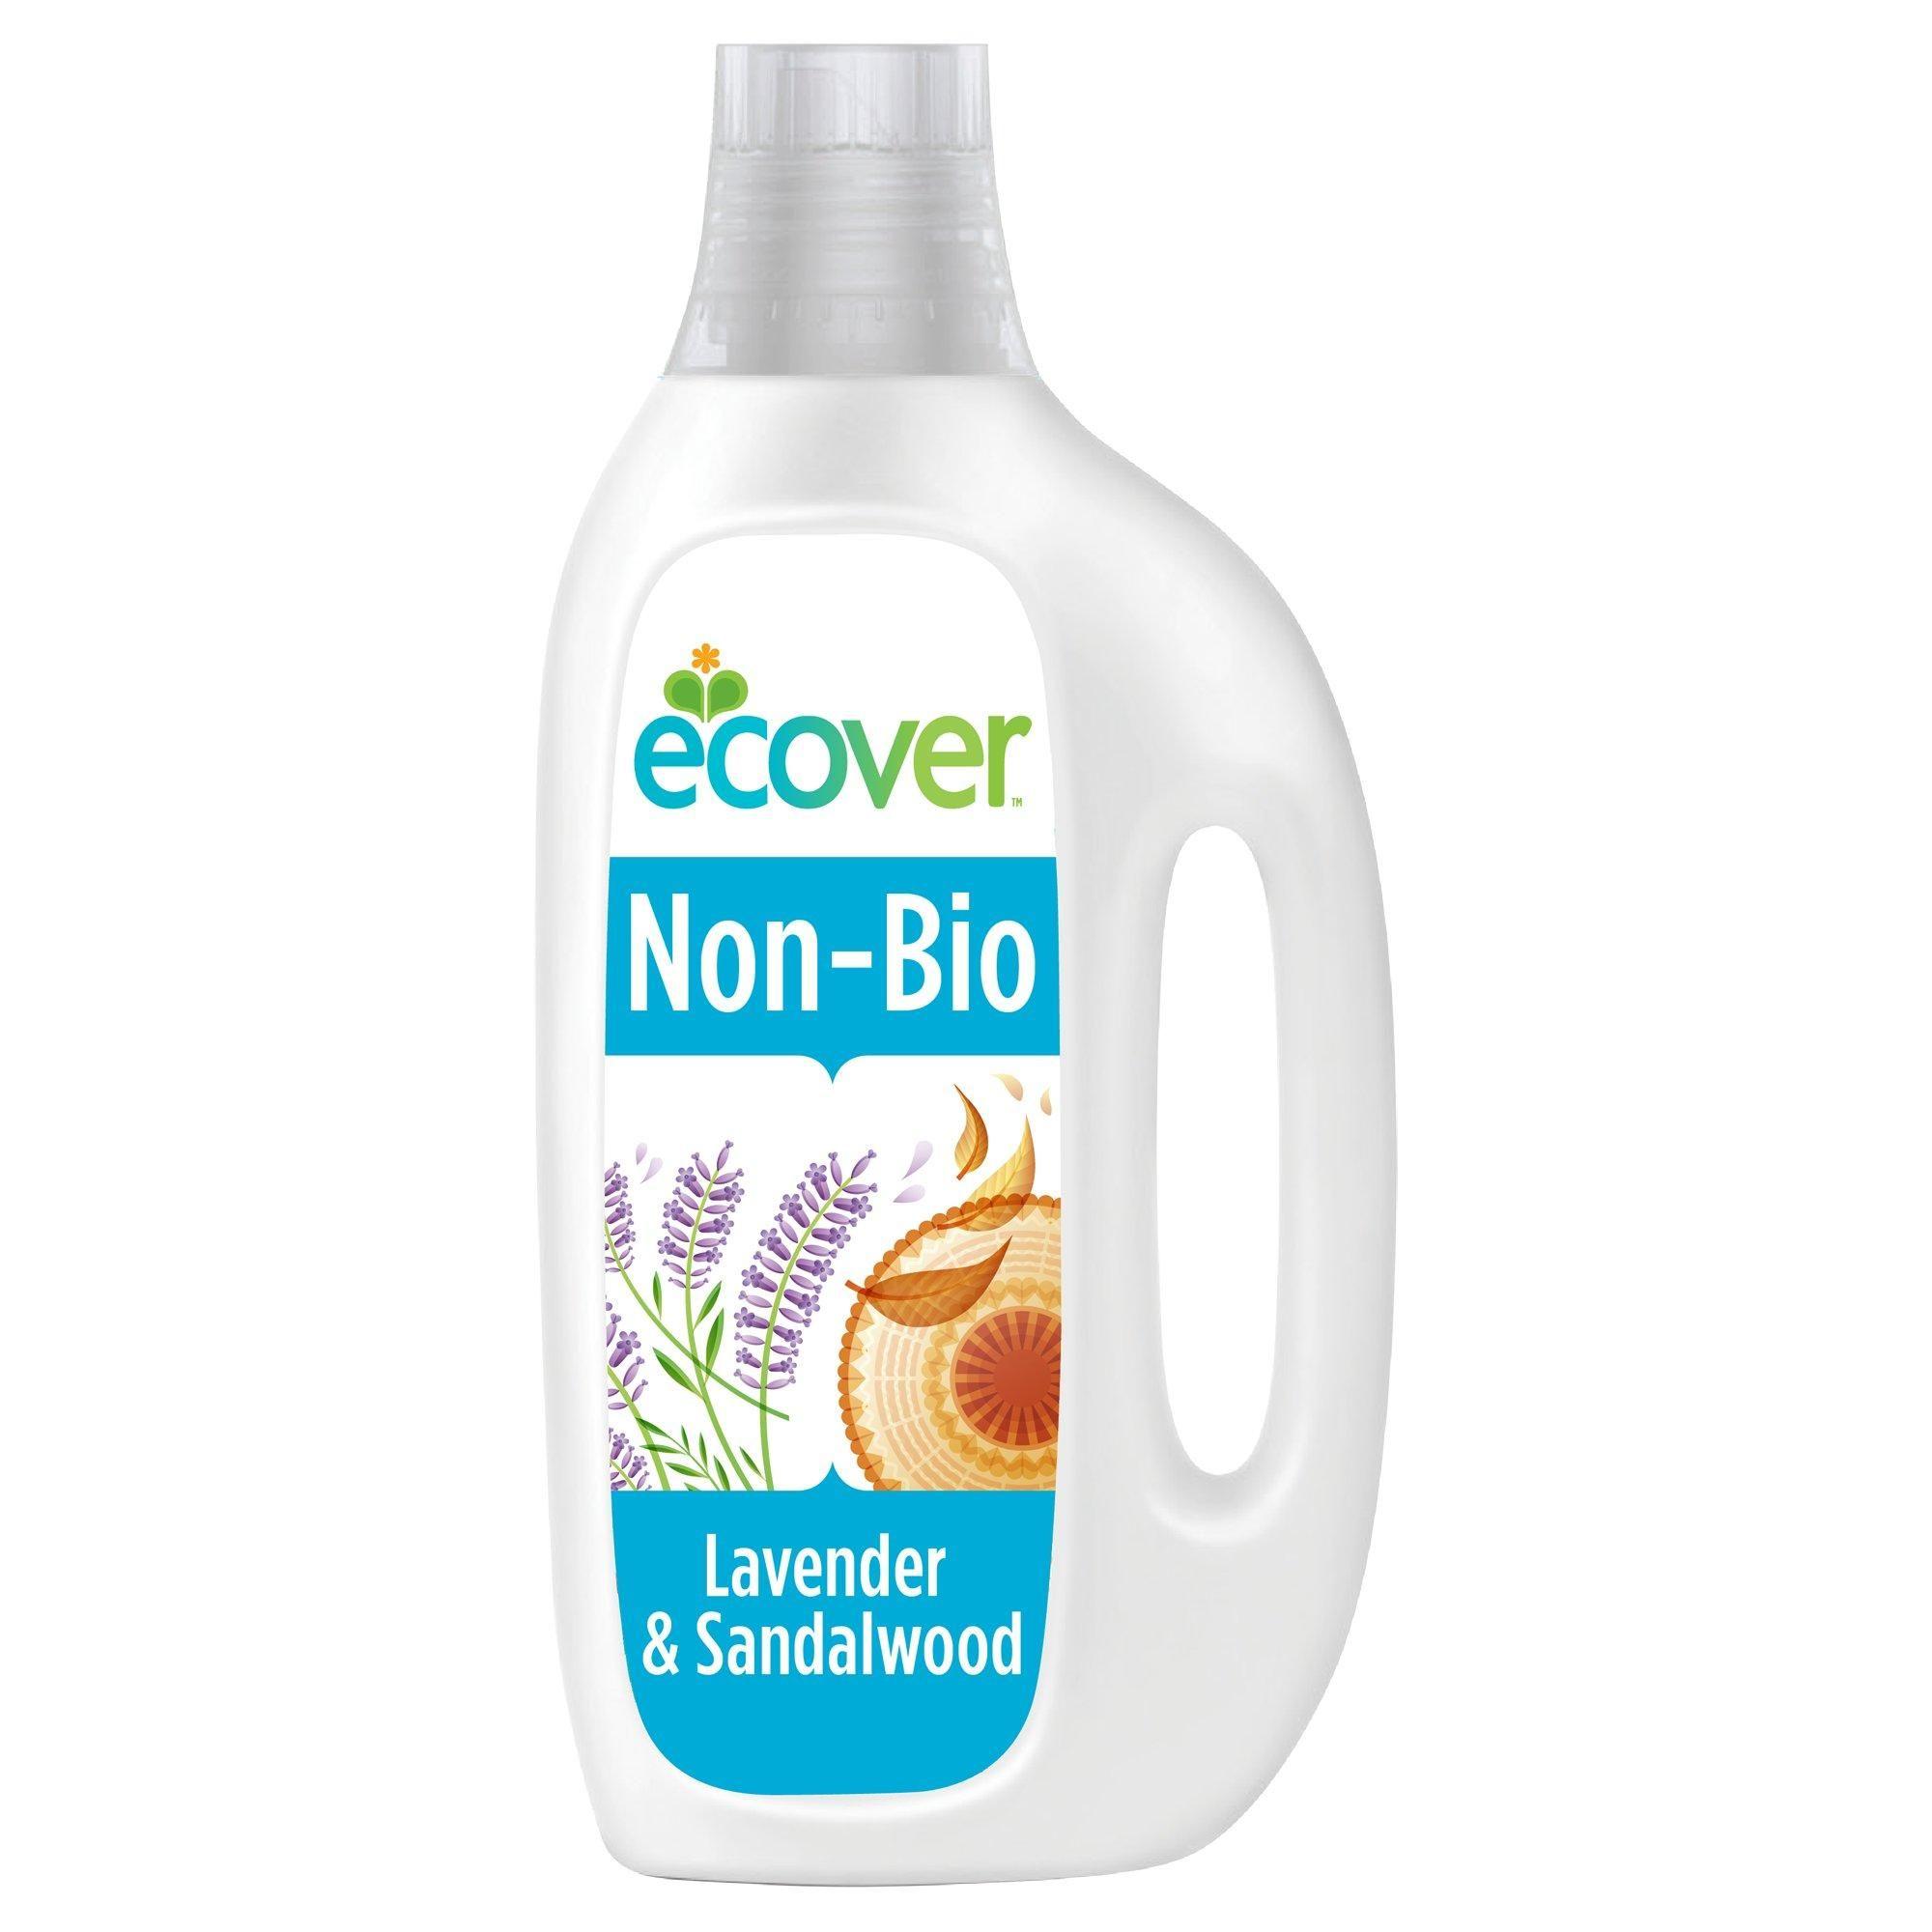 Ecover 1 5l Lavender Sandalwood Non Bio Laundry Liquid In 2020